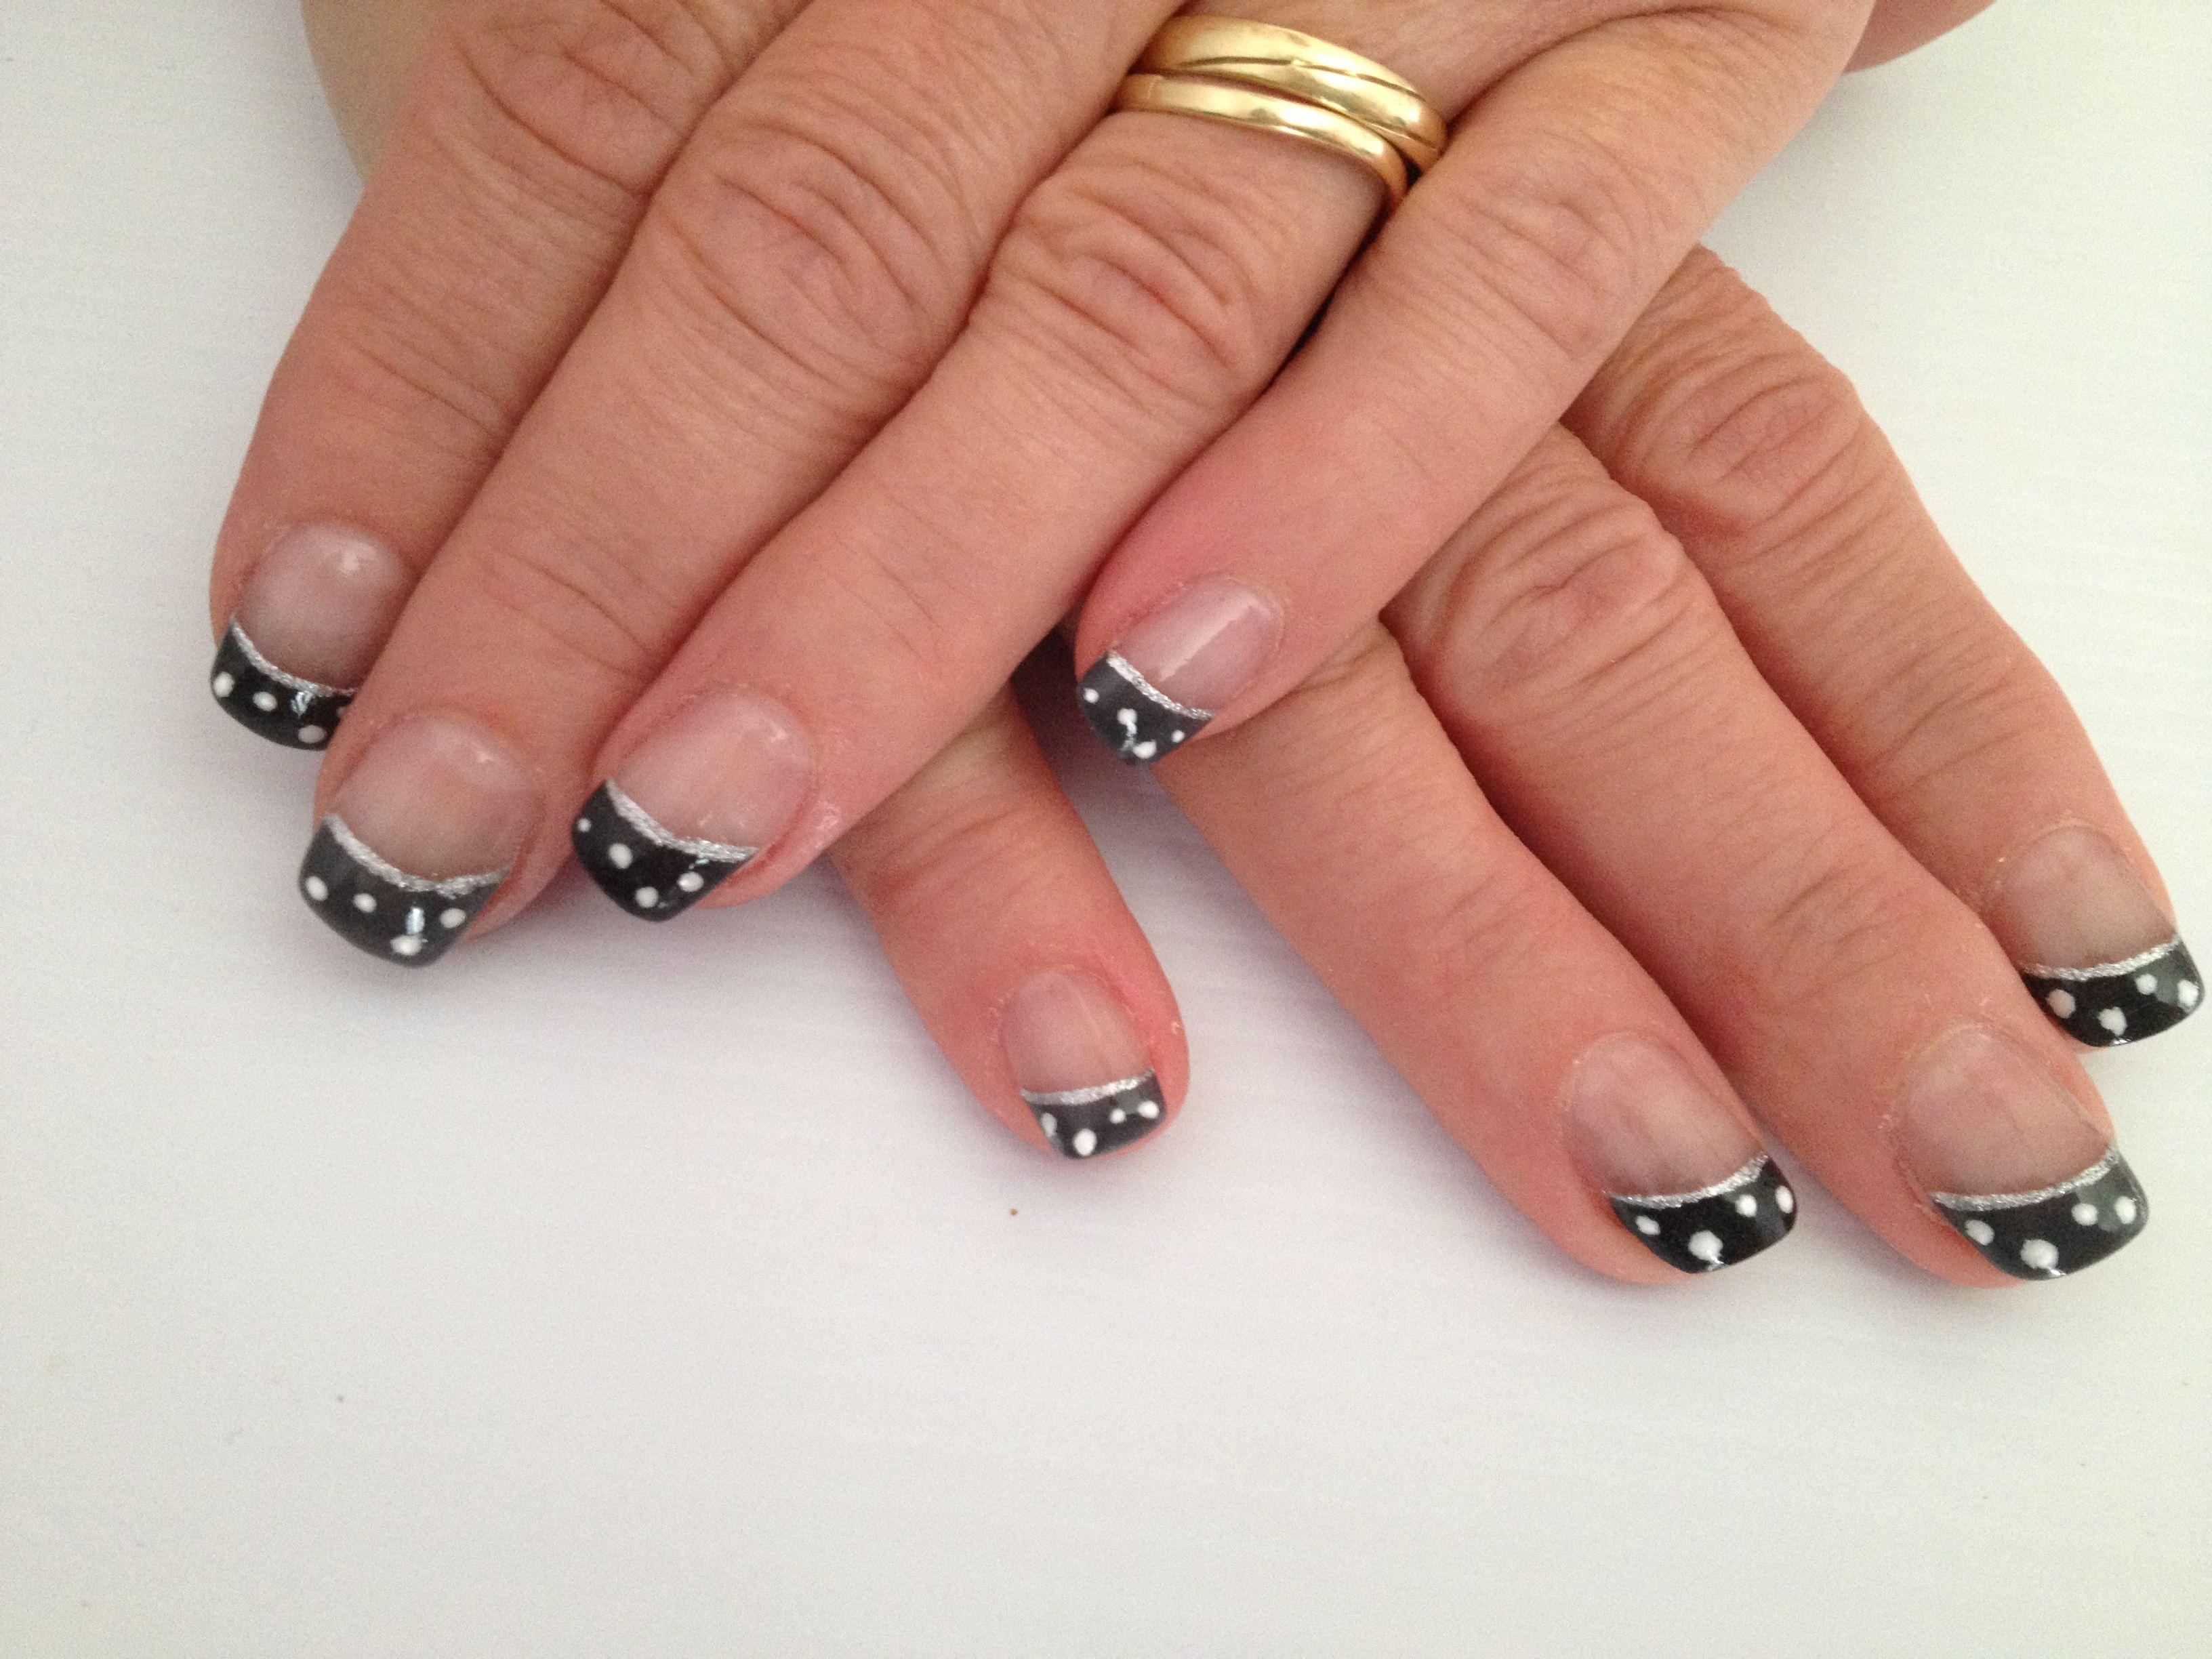 Grijszwart met witte puntjes nagelstudio helen pinterest